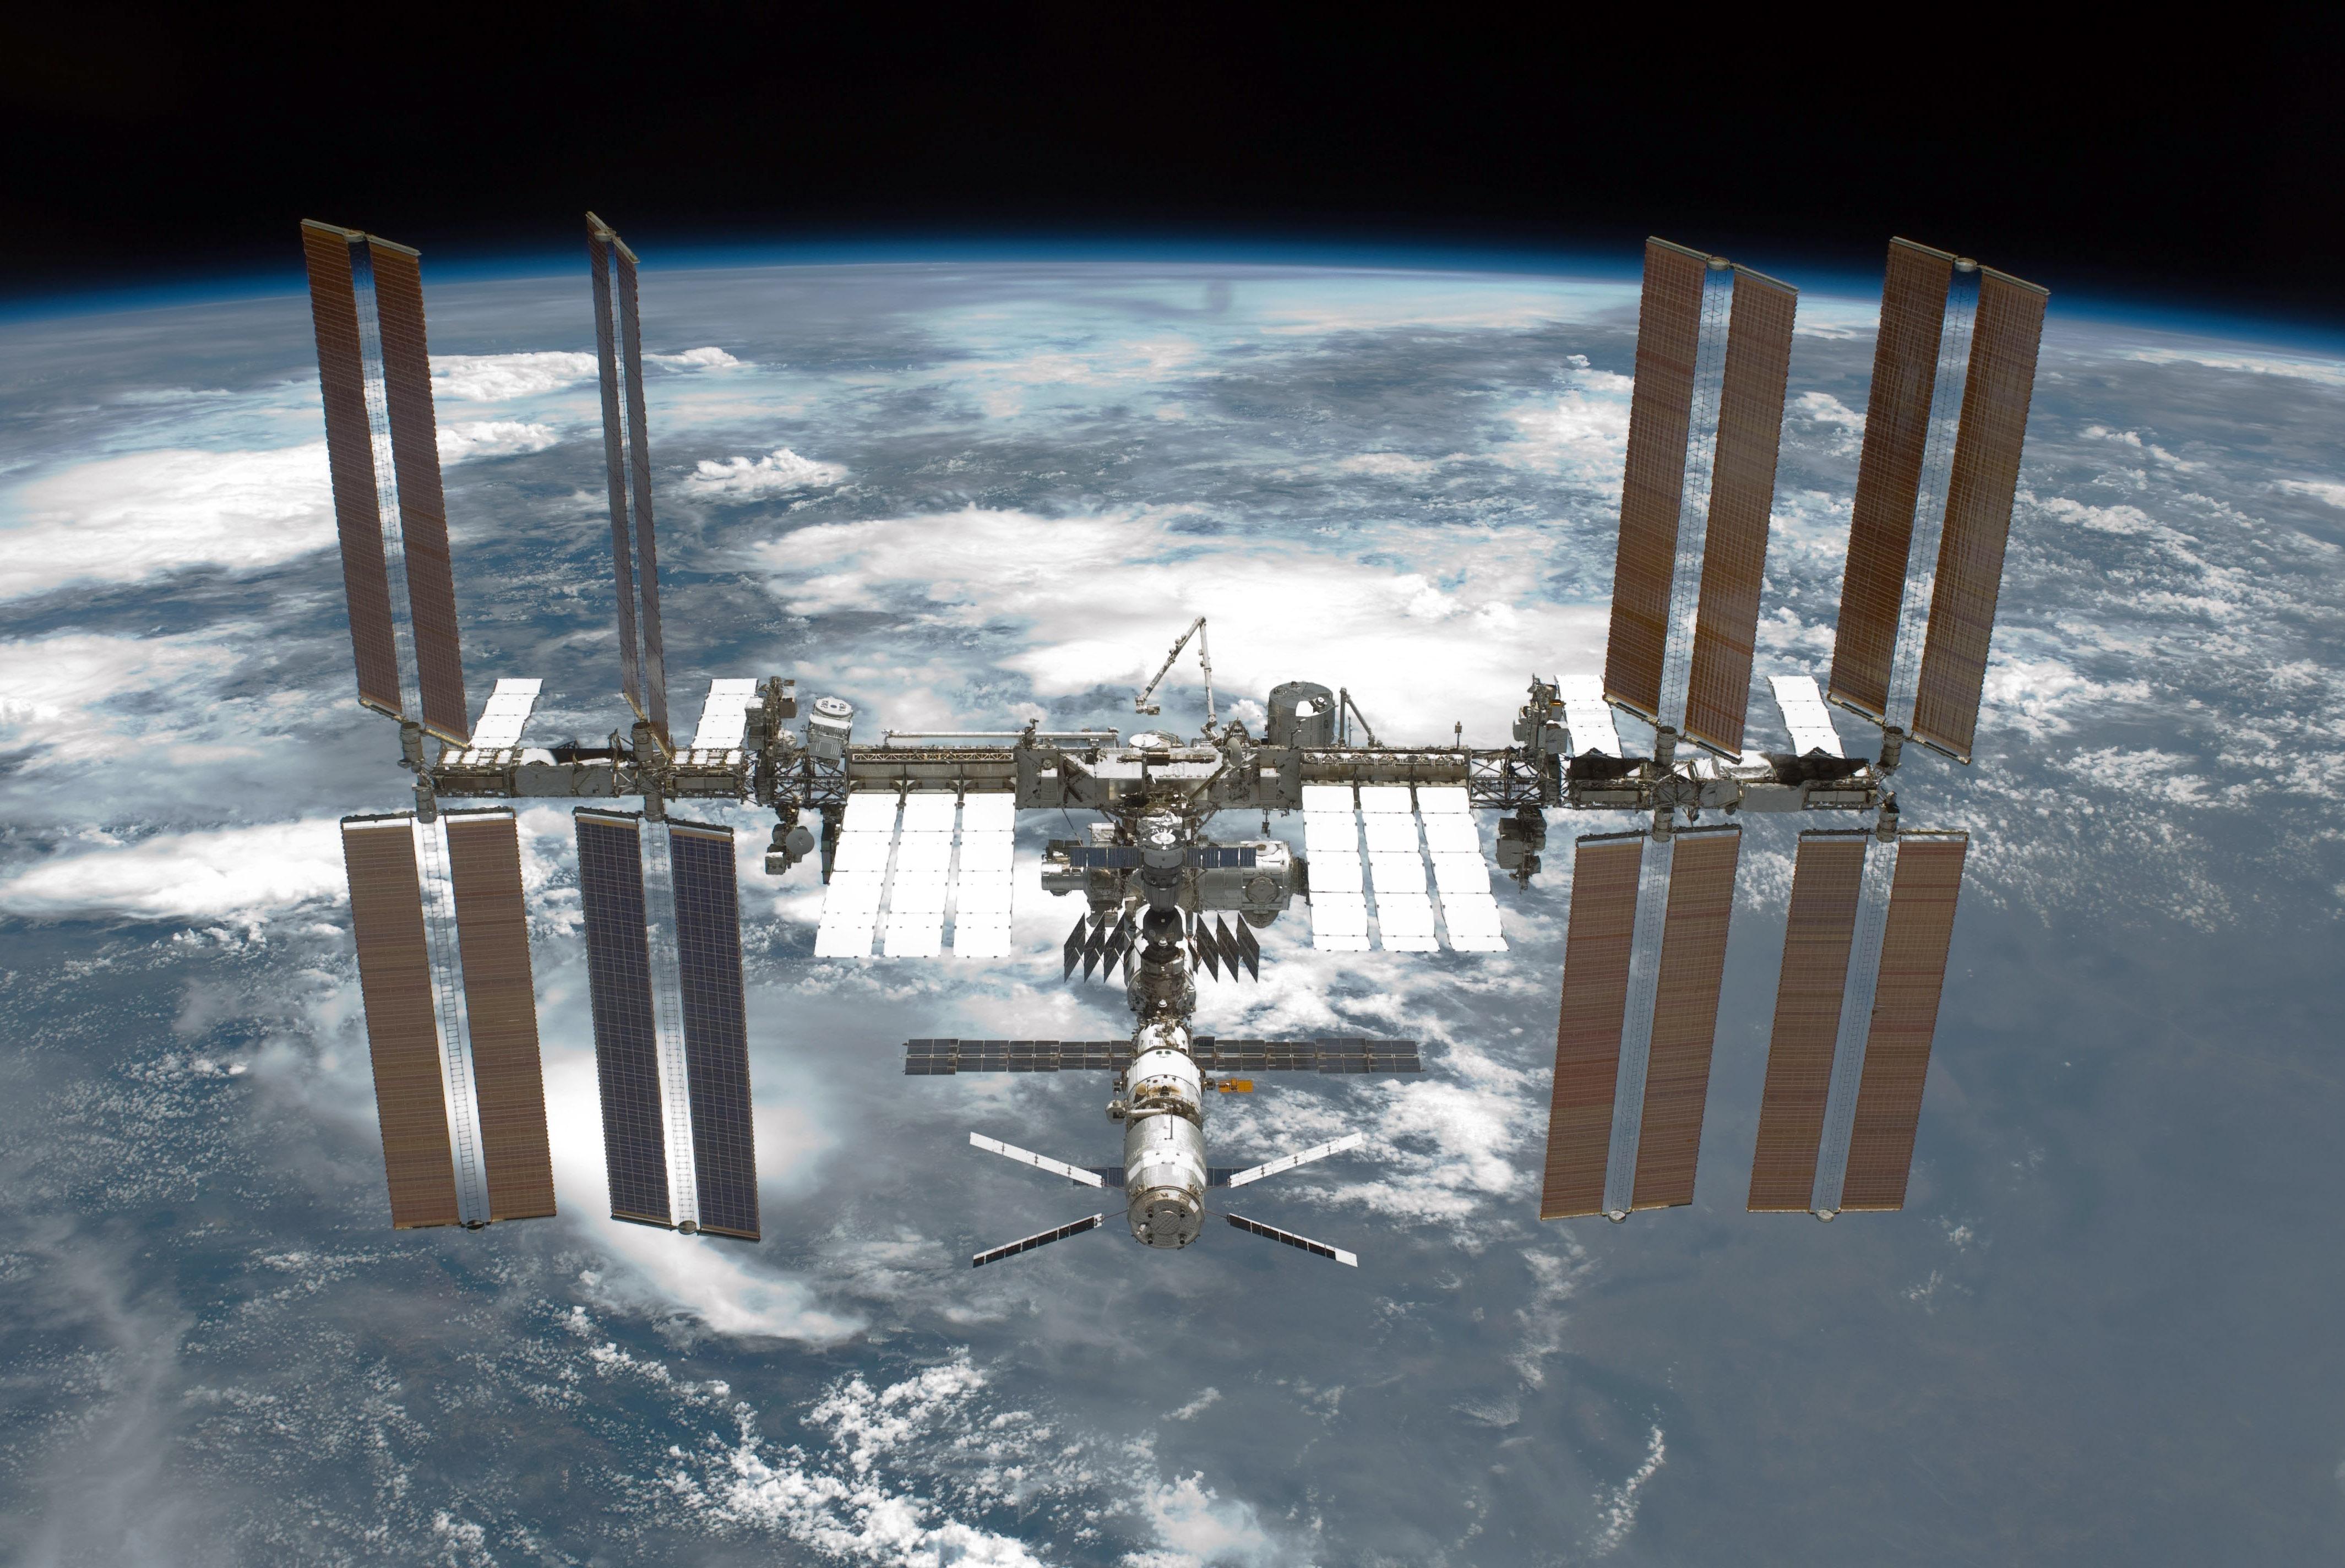 HDoboi.Kiev.ua - Космическая станция, обои для телефона вертикальные космос, планета Земля 4к, спутник